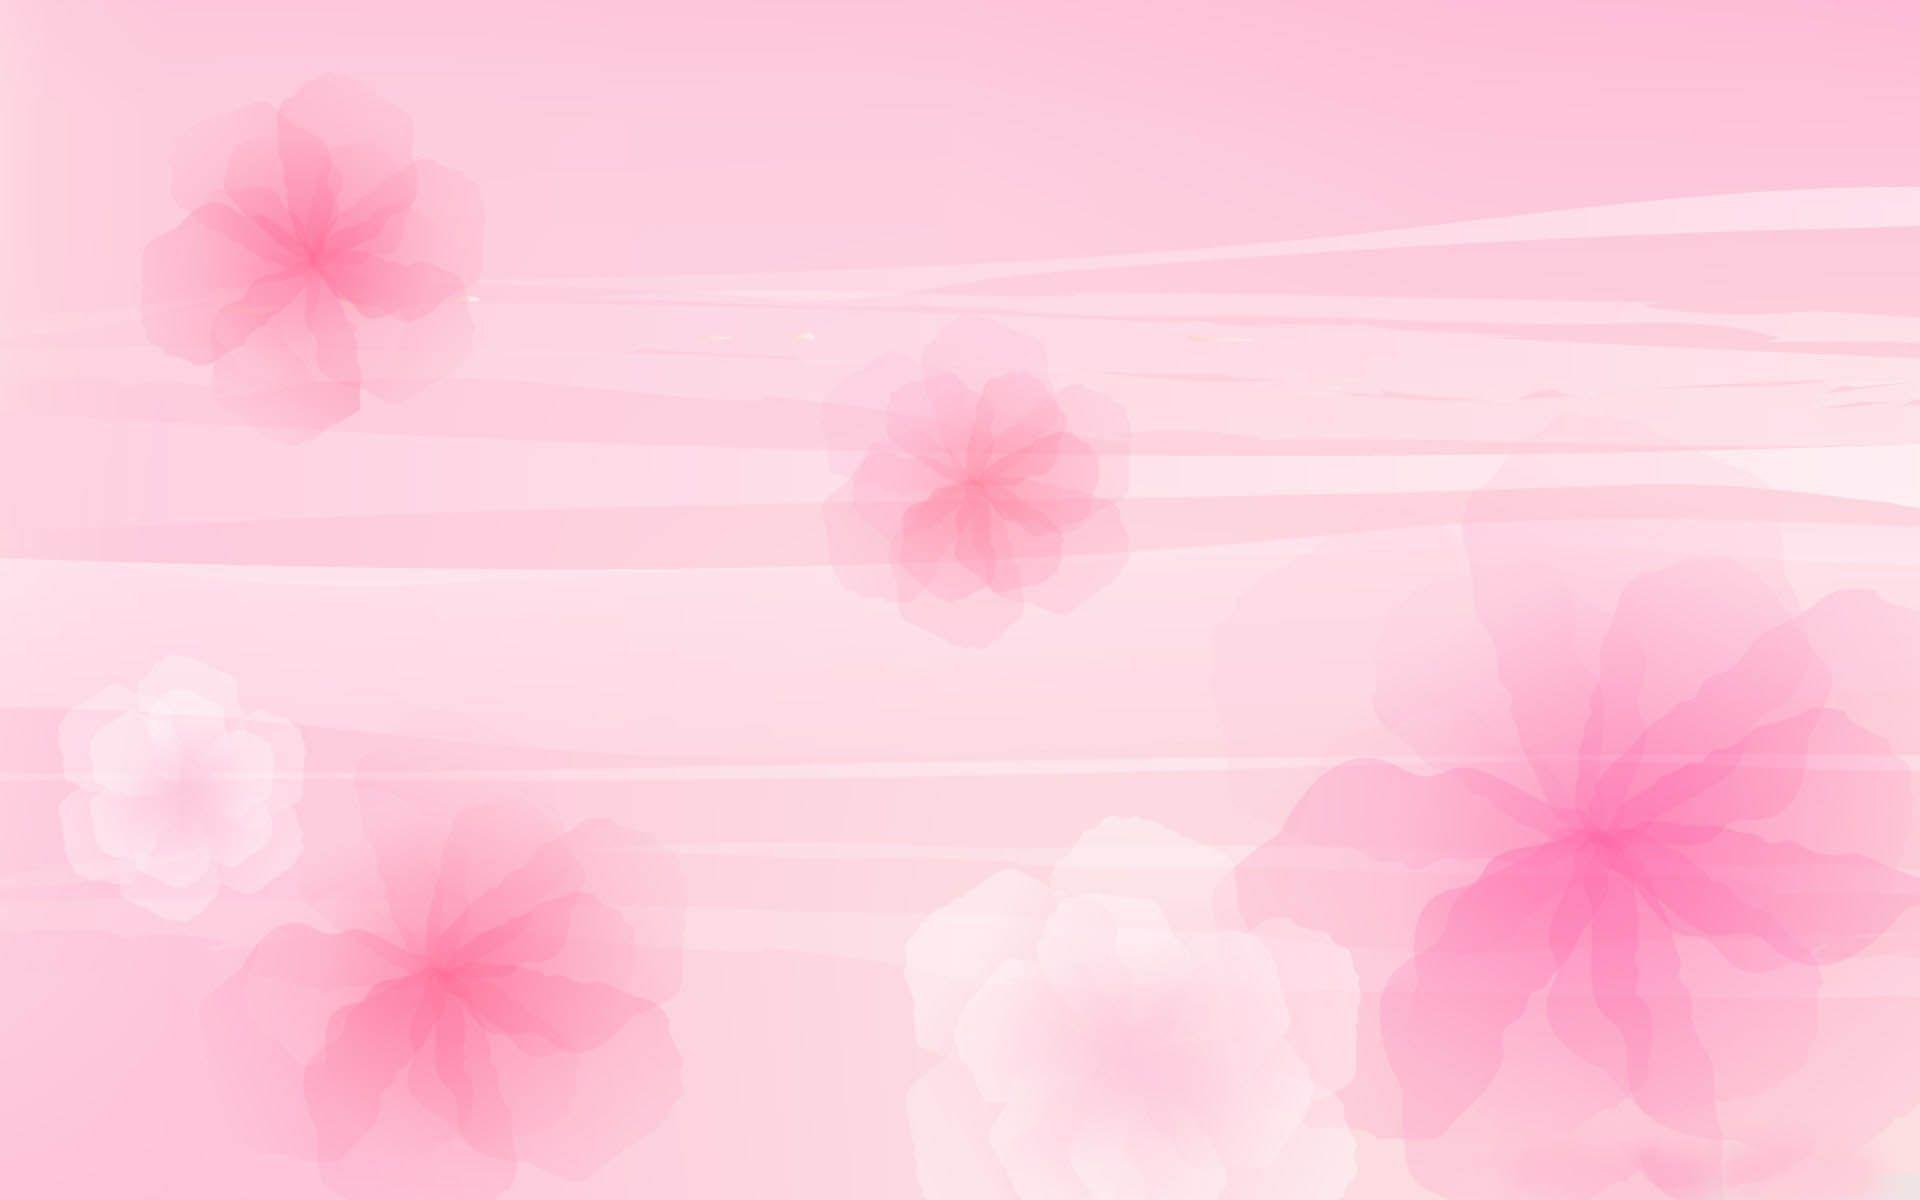 Pink Flowers Backgroundg 19201200 Design Illustration